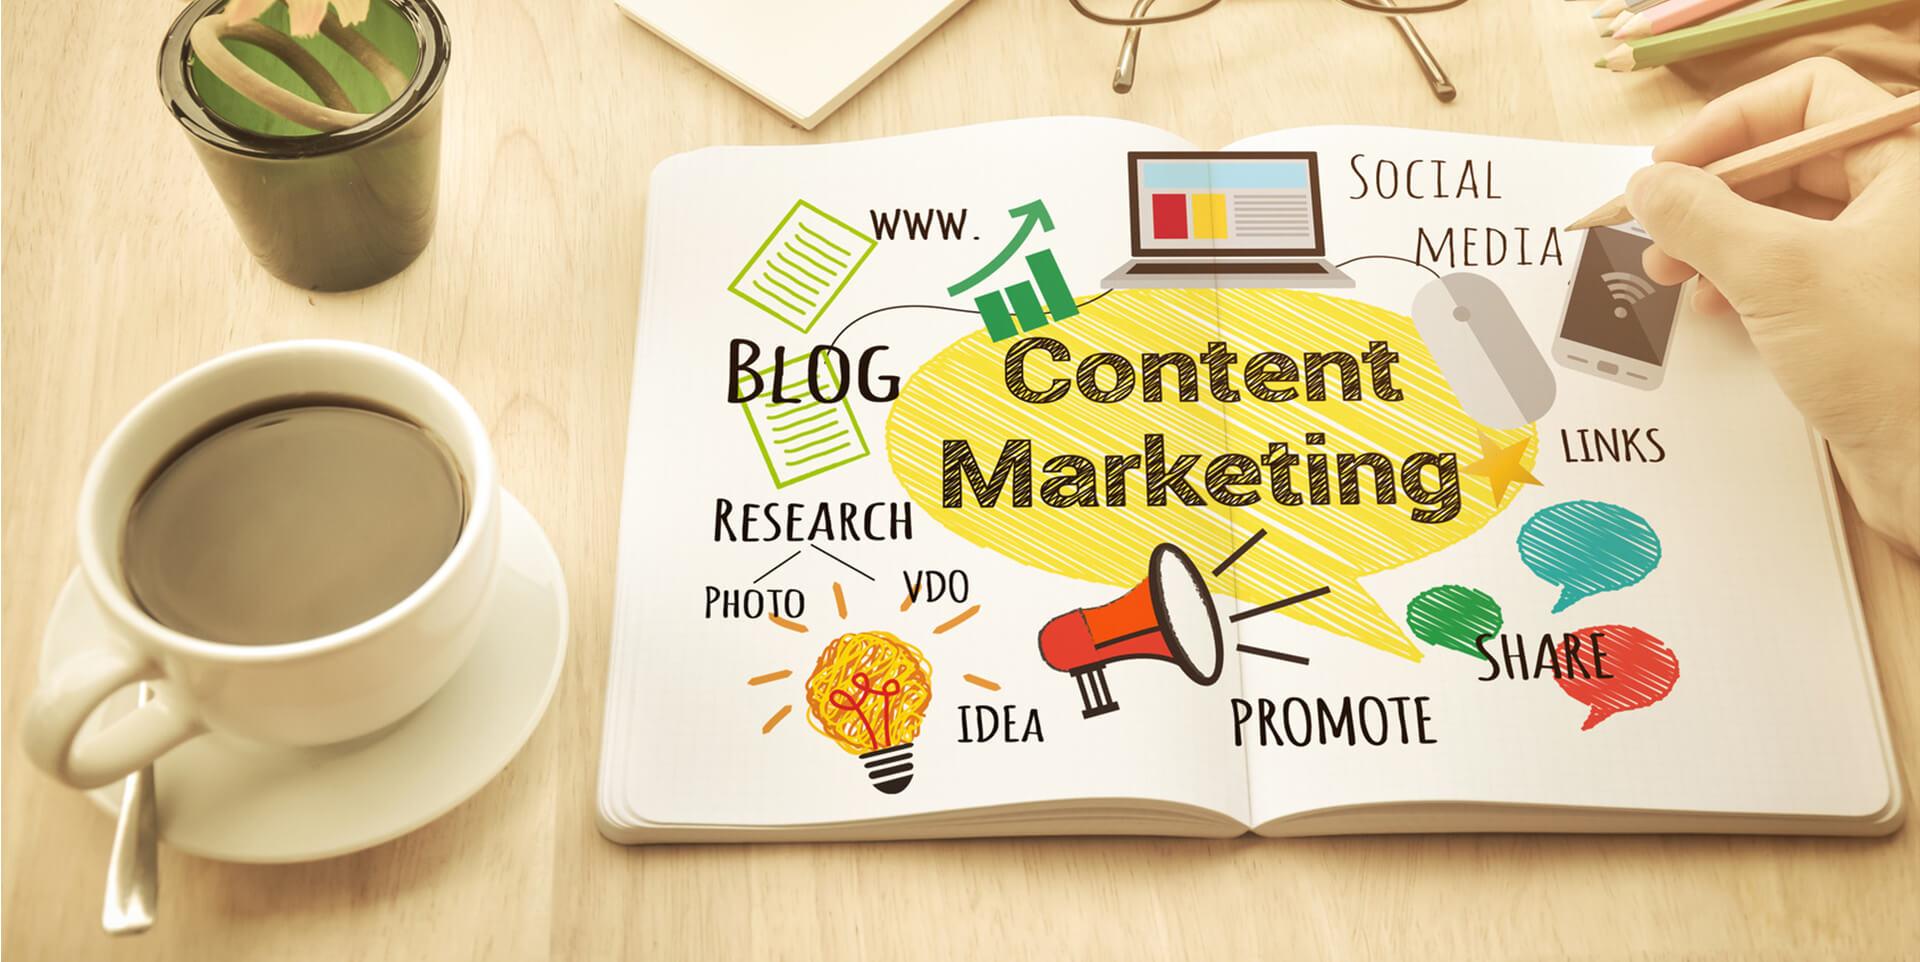 تولید محتوا و بازاریابی محتوا در شبکه های اجتماعی در اولویت است